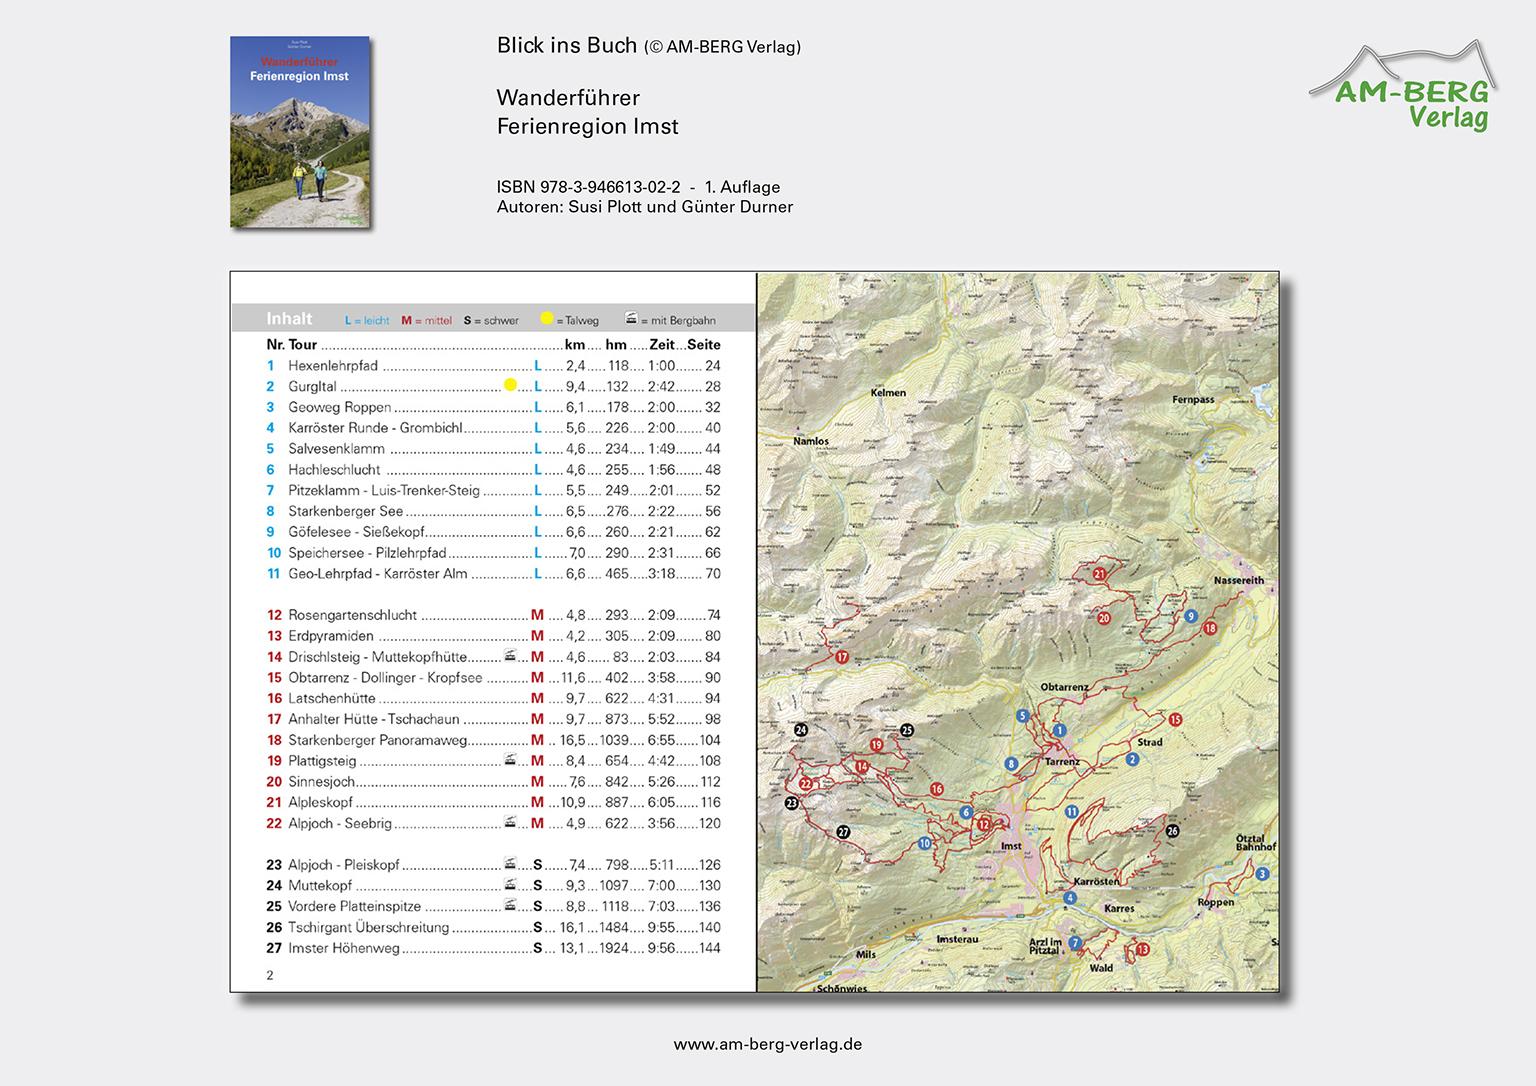 Wanderführer Ferienregion Imst_BlickinsBuch02